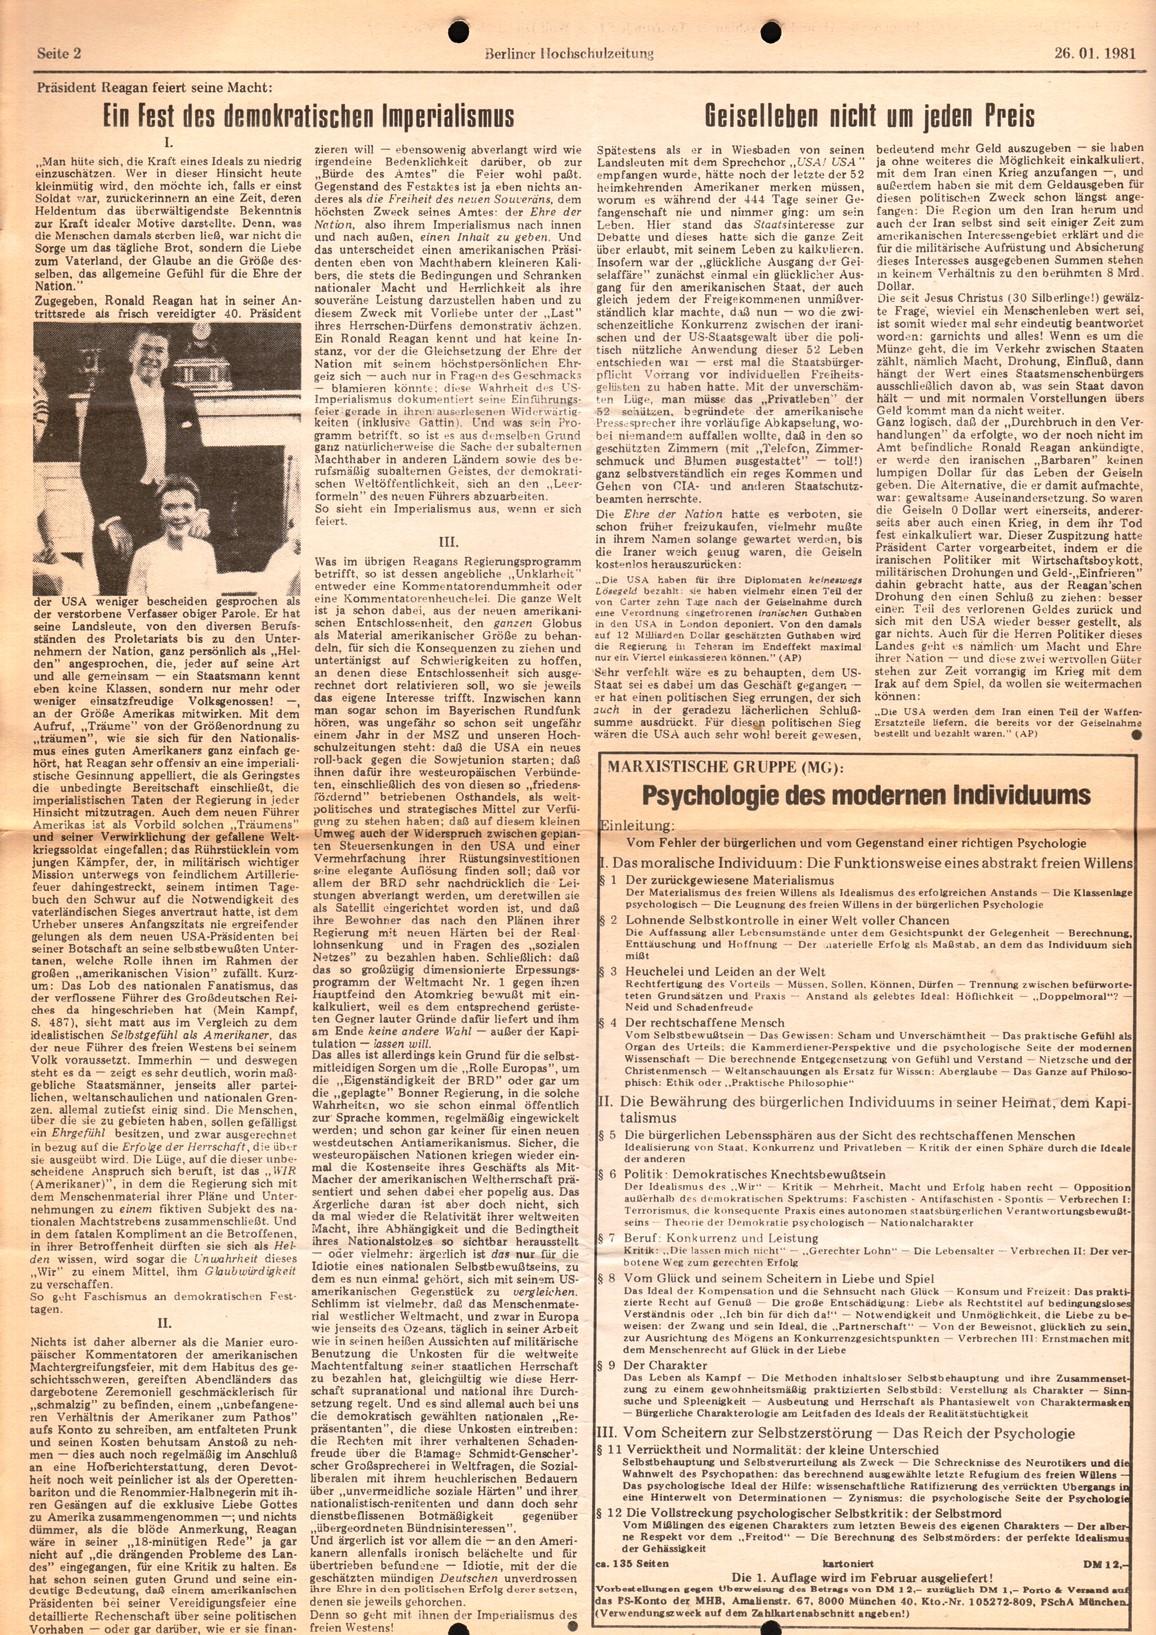 Berlin_MG_Hochschulzeitung_19810126_02